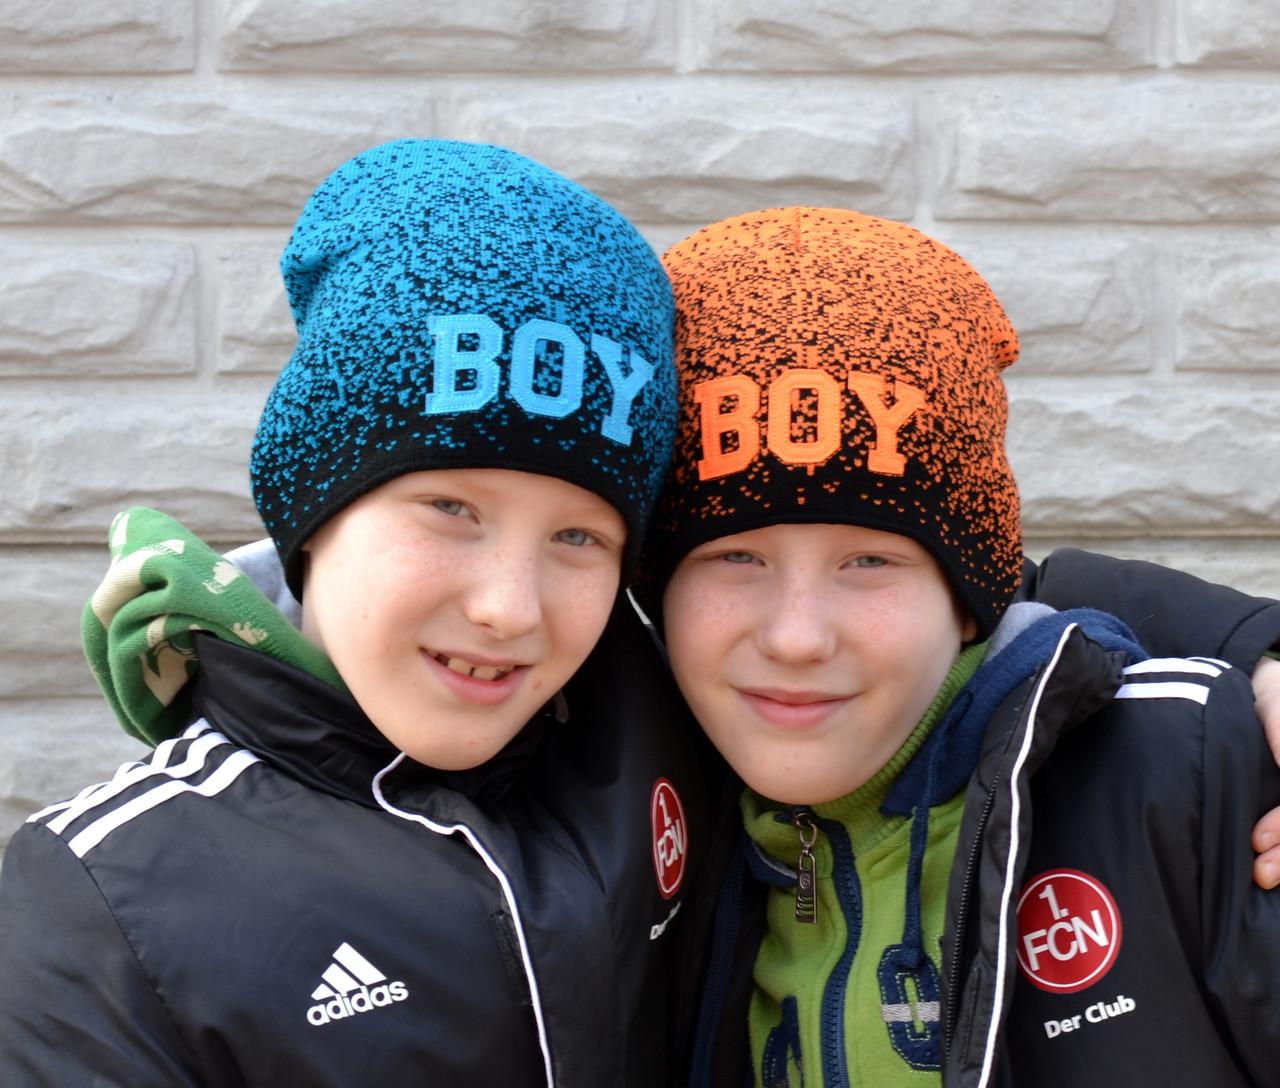 Детская шапка BOY. 1,5 слоя. Мальчик/девочка 3-7 лет р.50-54.  бирюза,  оранж, малина